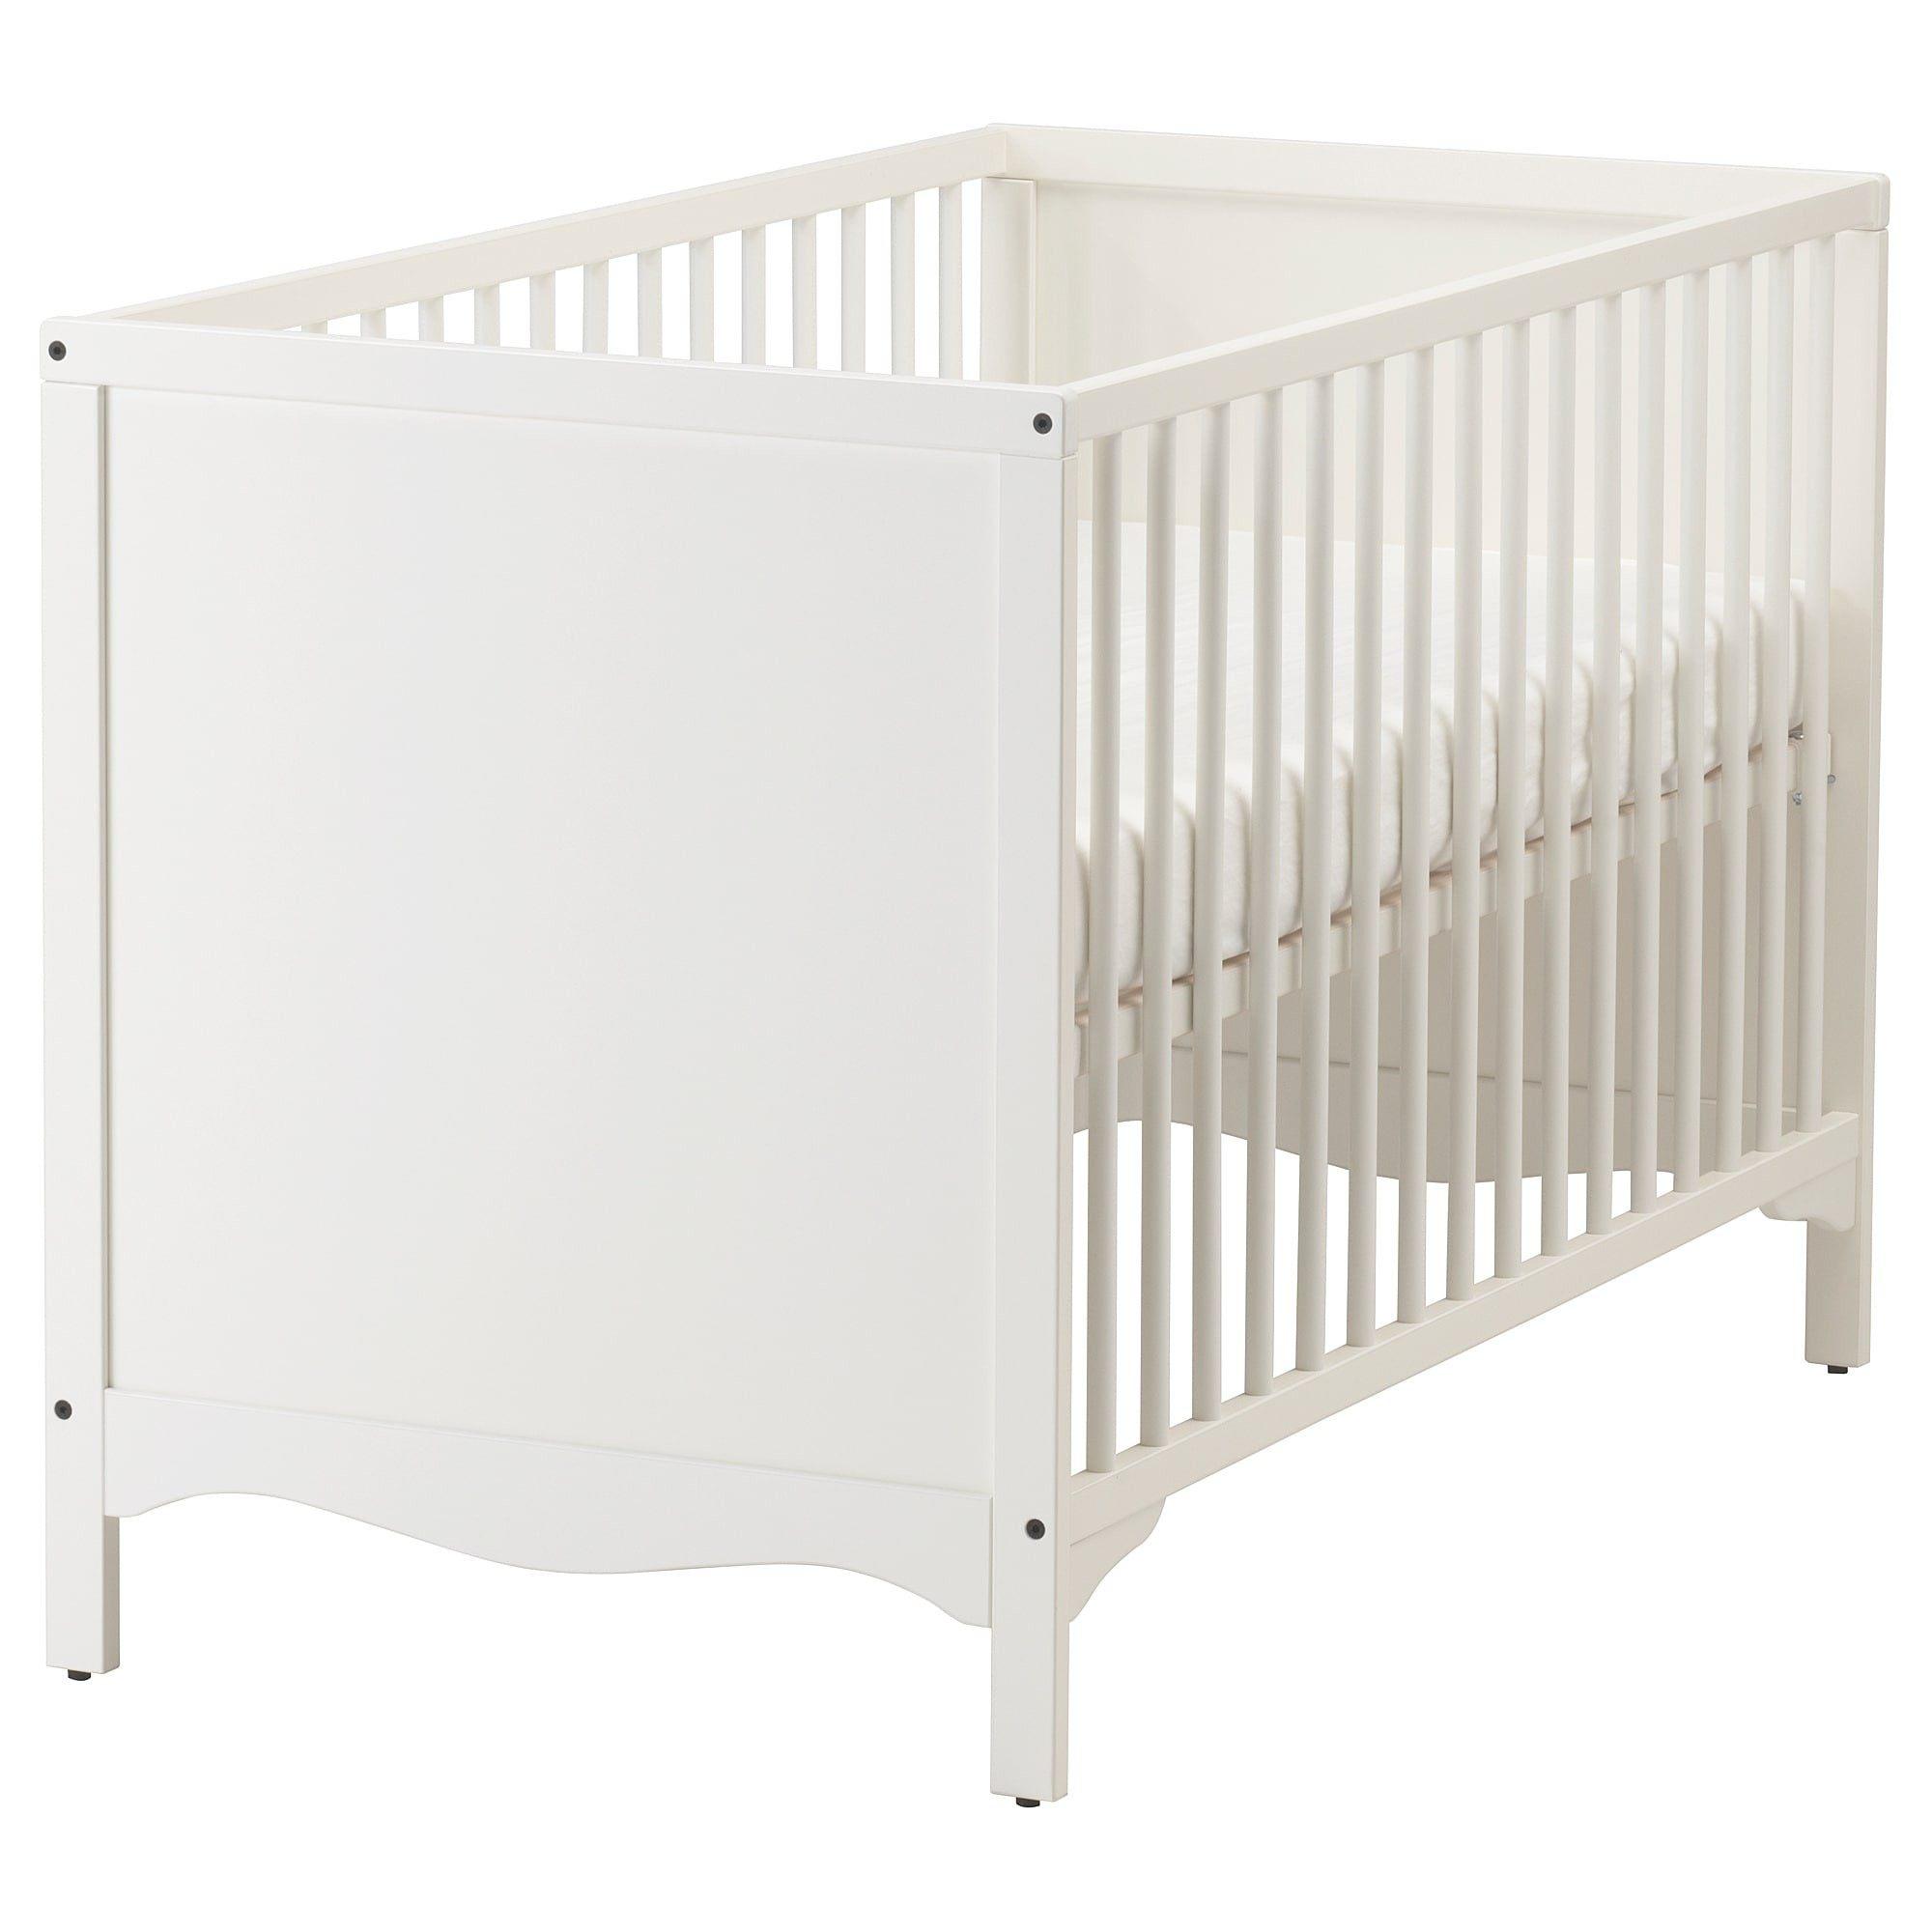 Lit Bébé à Barreaux De Luxe Baignoire Bébé Grand format Luxury Ikea Lit Barreaux Avec Lits